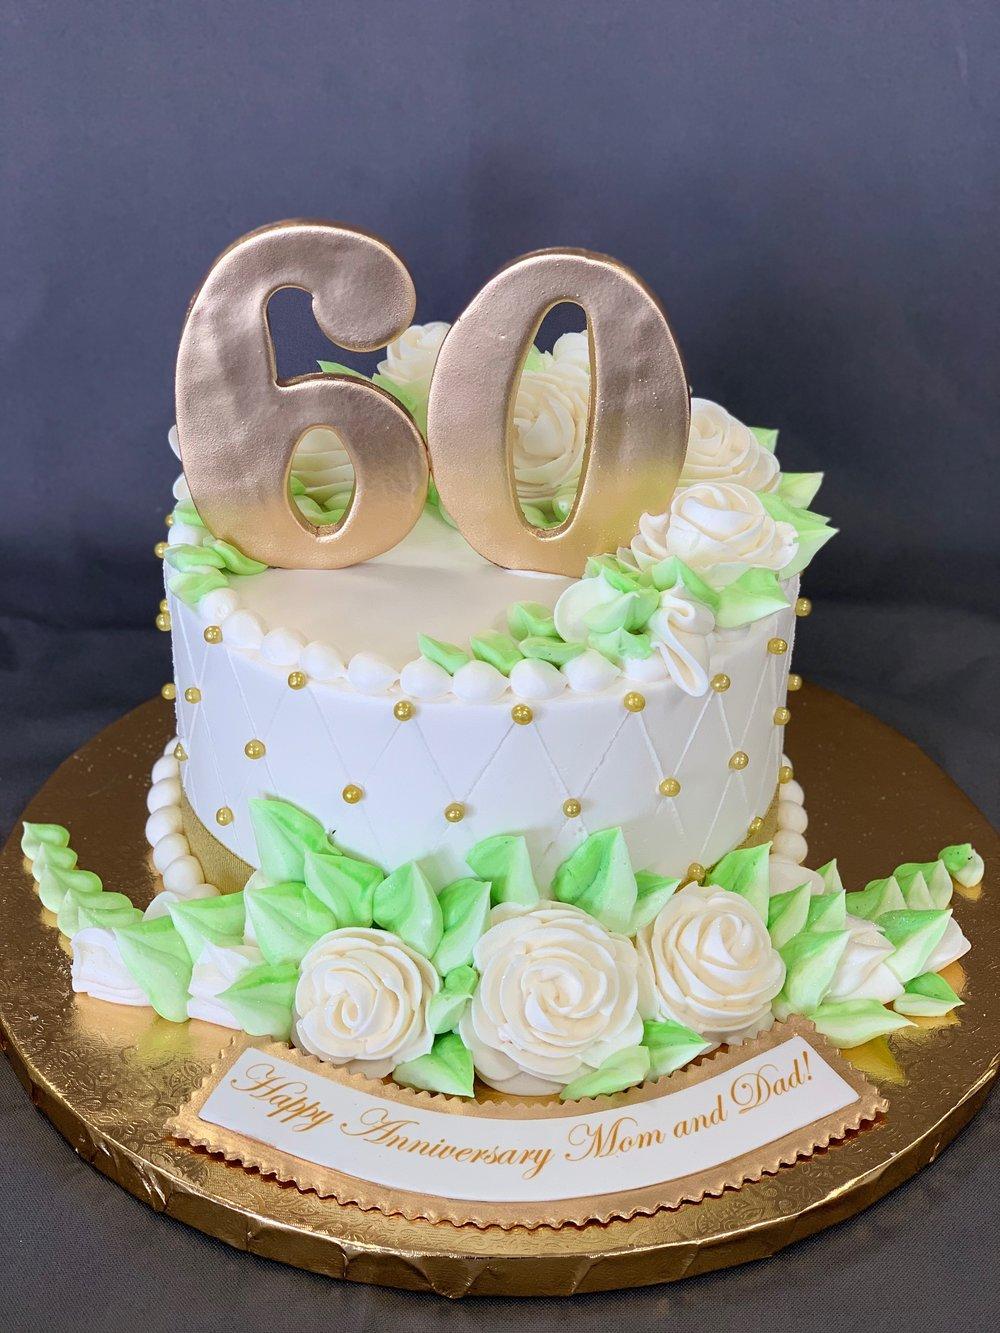 Astonishing 60Th Birthday Cake Skazka Desserts Bakery Nj Custom Birthday Funny Birthday Cards Online Inifofree Goldxyz